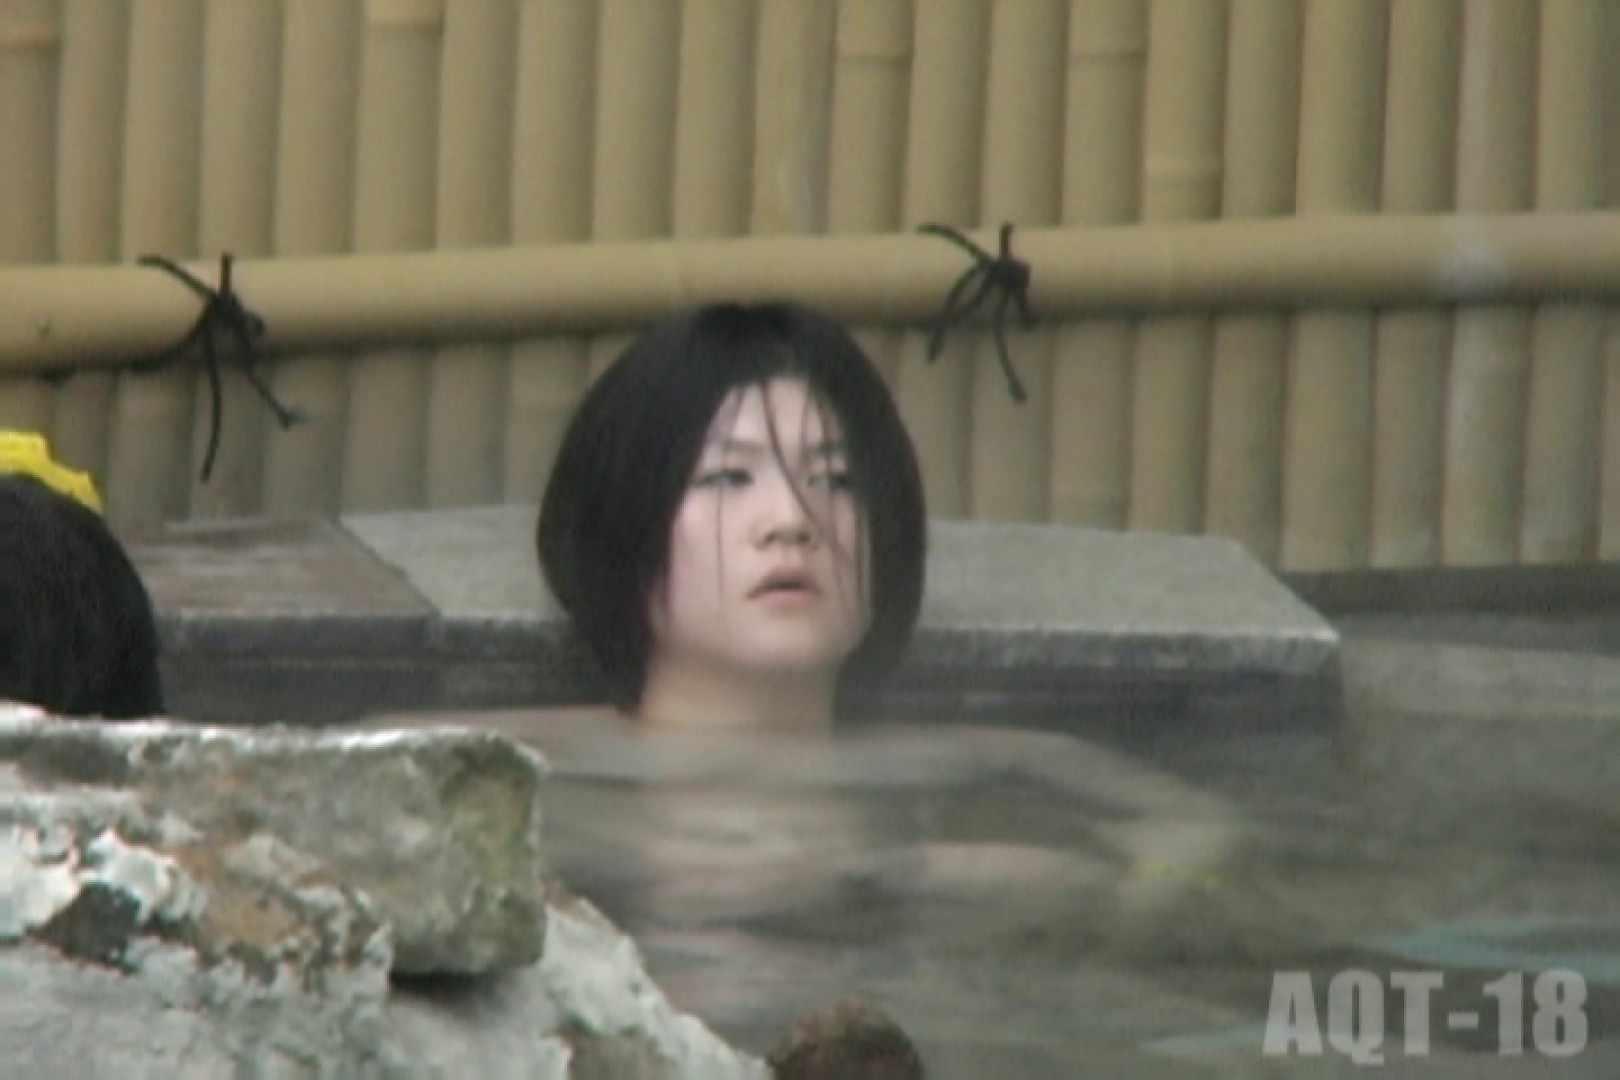 Aquaな露天風呂Vol.859 露天風呂  76連発 15